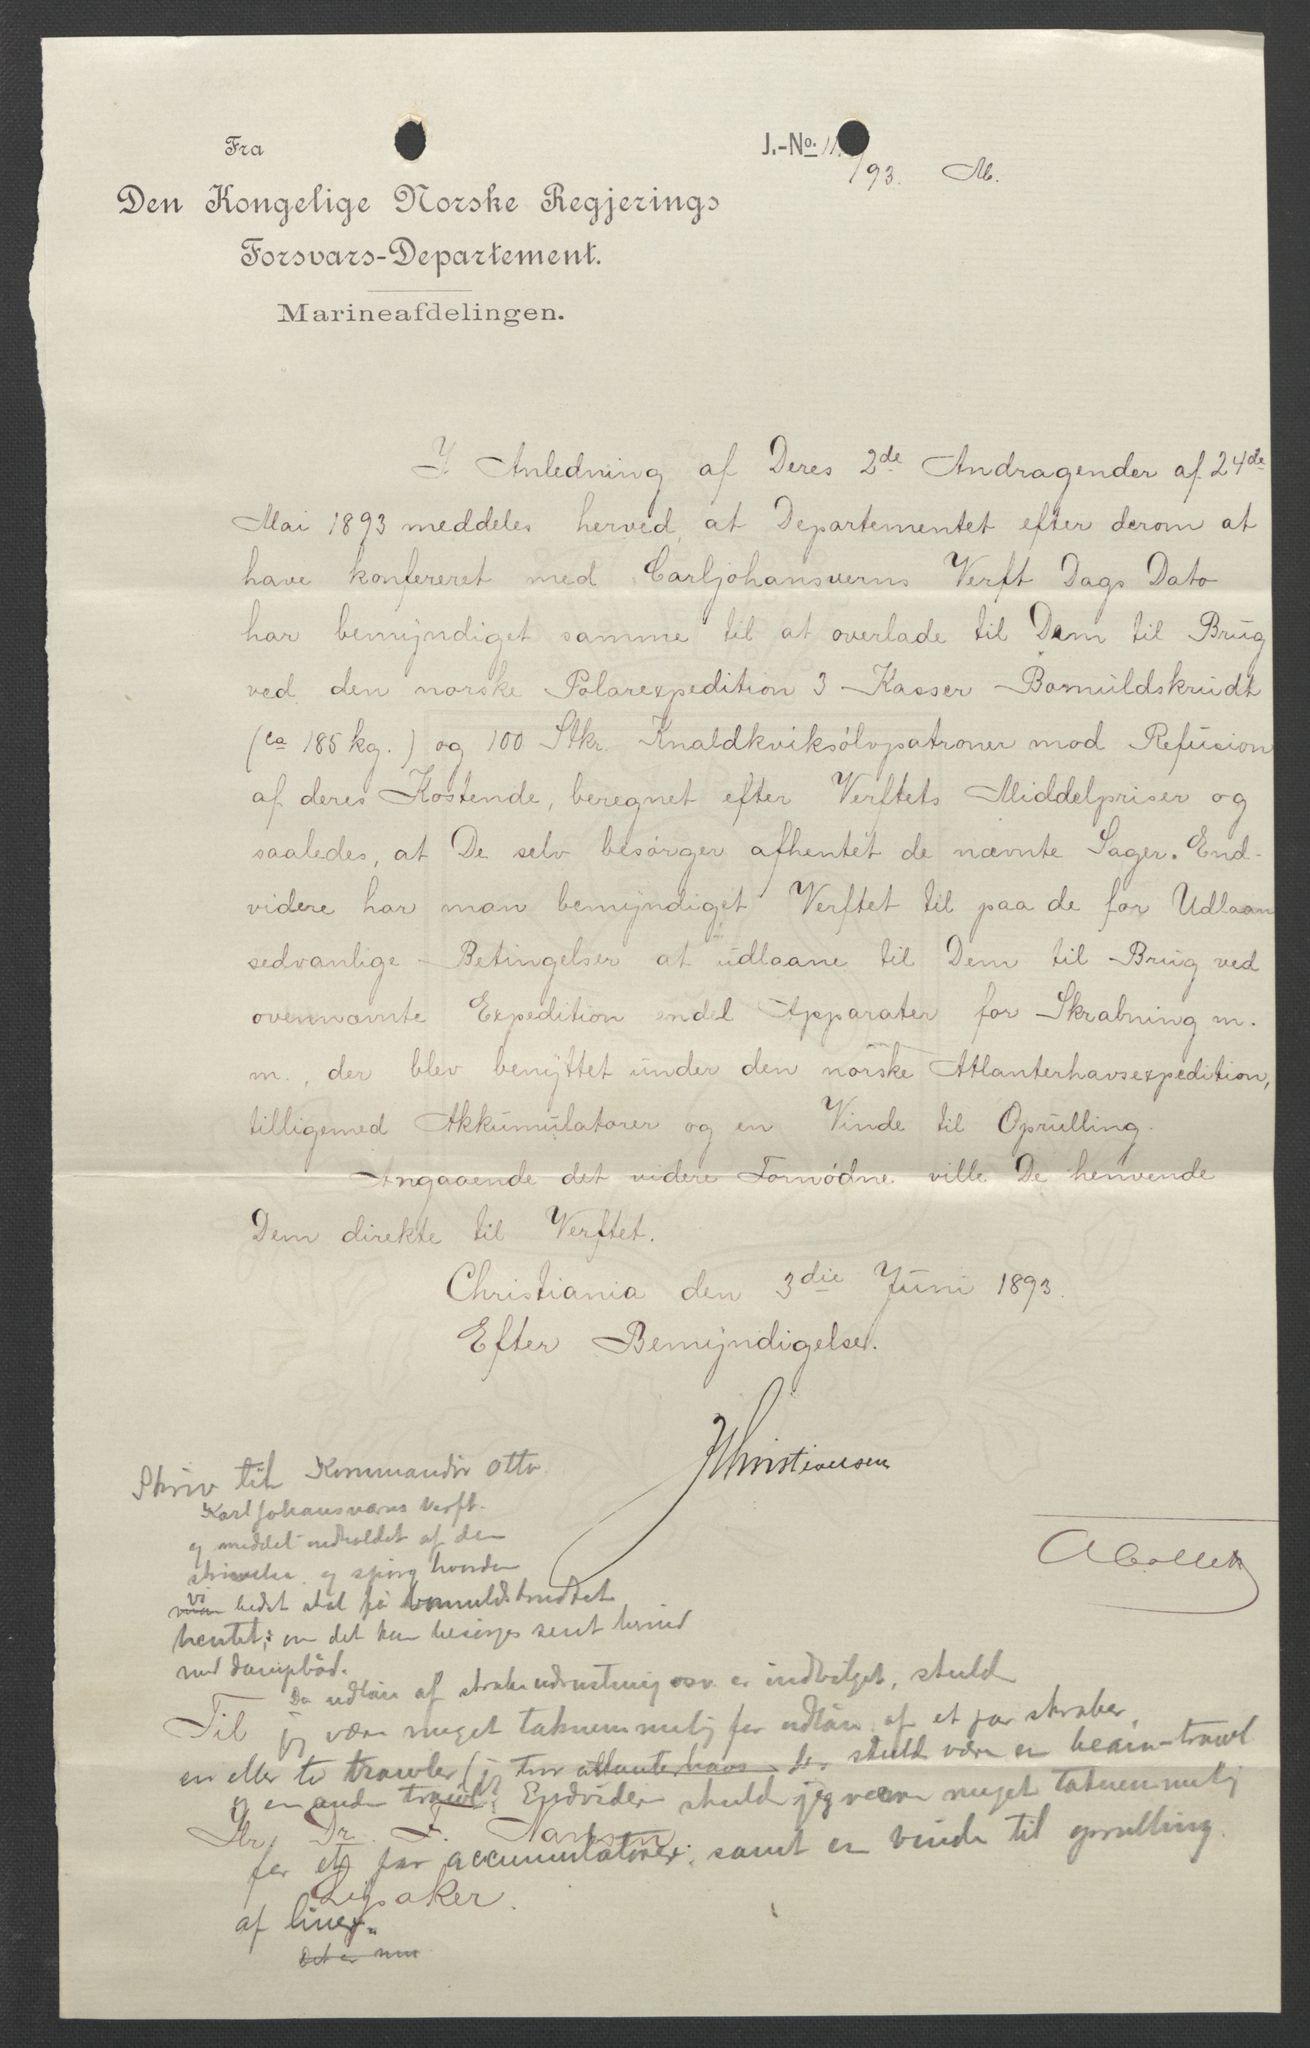 RA, Arbeidskomitéen for Fridtjof Nansens polarekspedisjon, D/L0003: Innk. brev og telegrammer vedr. proviant og utrustning, 1893, s. 170